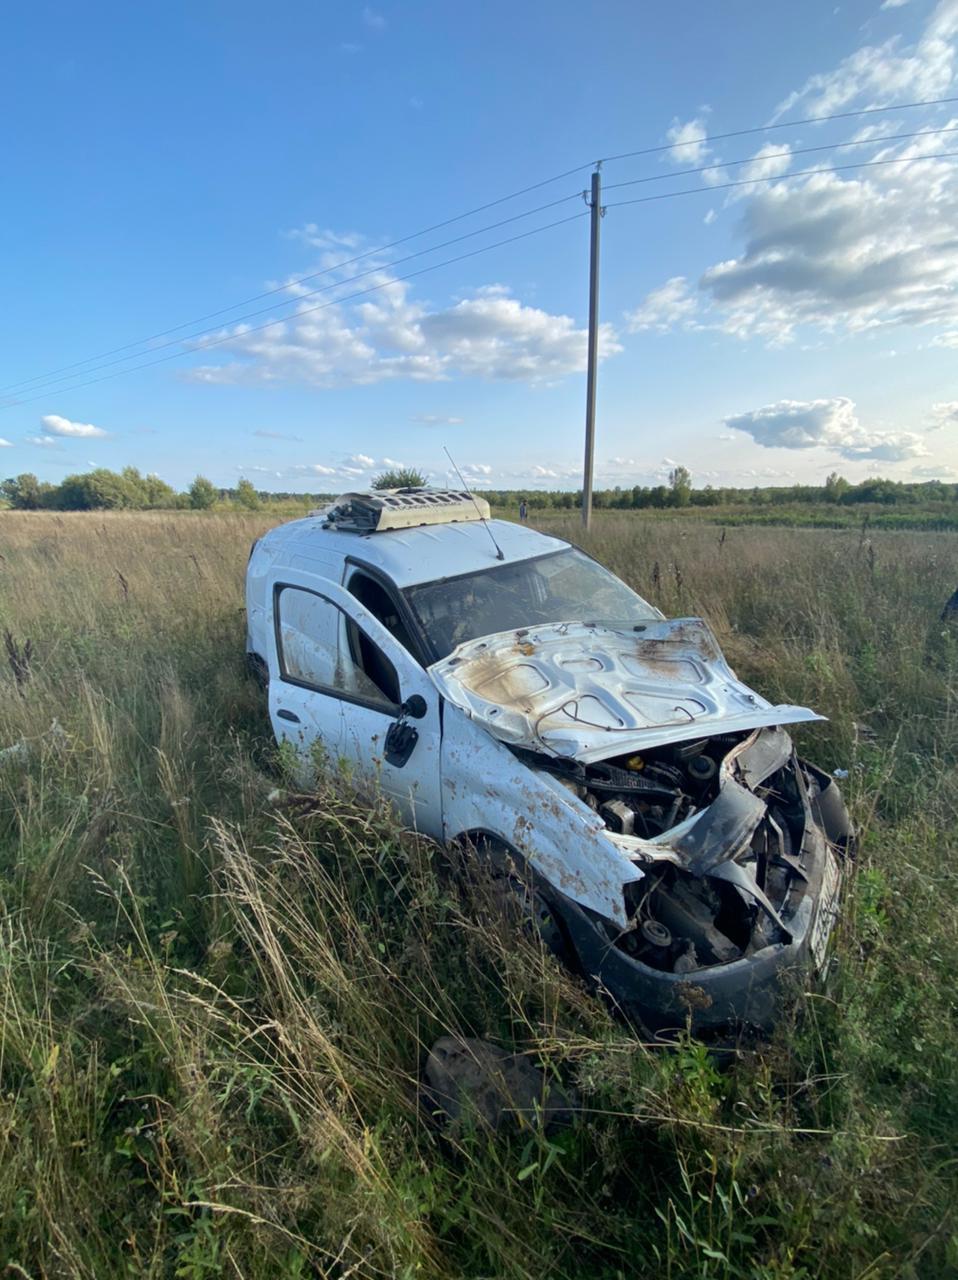 Выжившая в аварии в Тверской области женщина рассказала о пьяном водителе